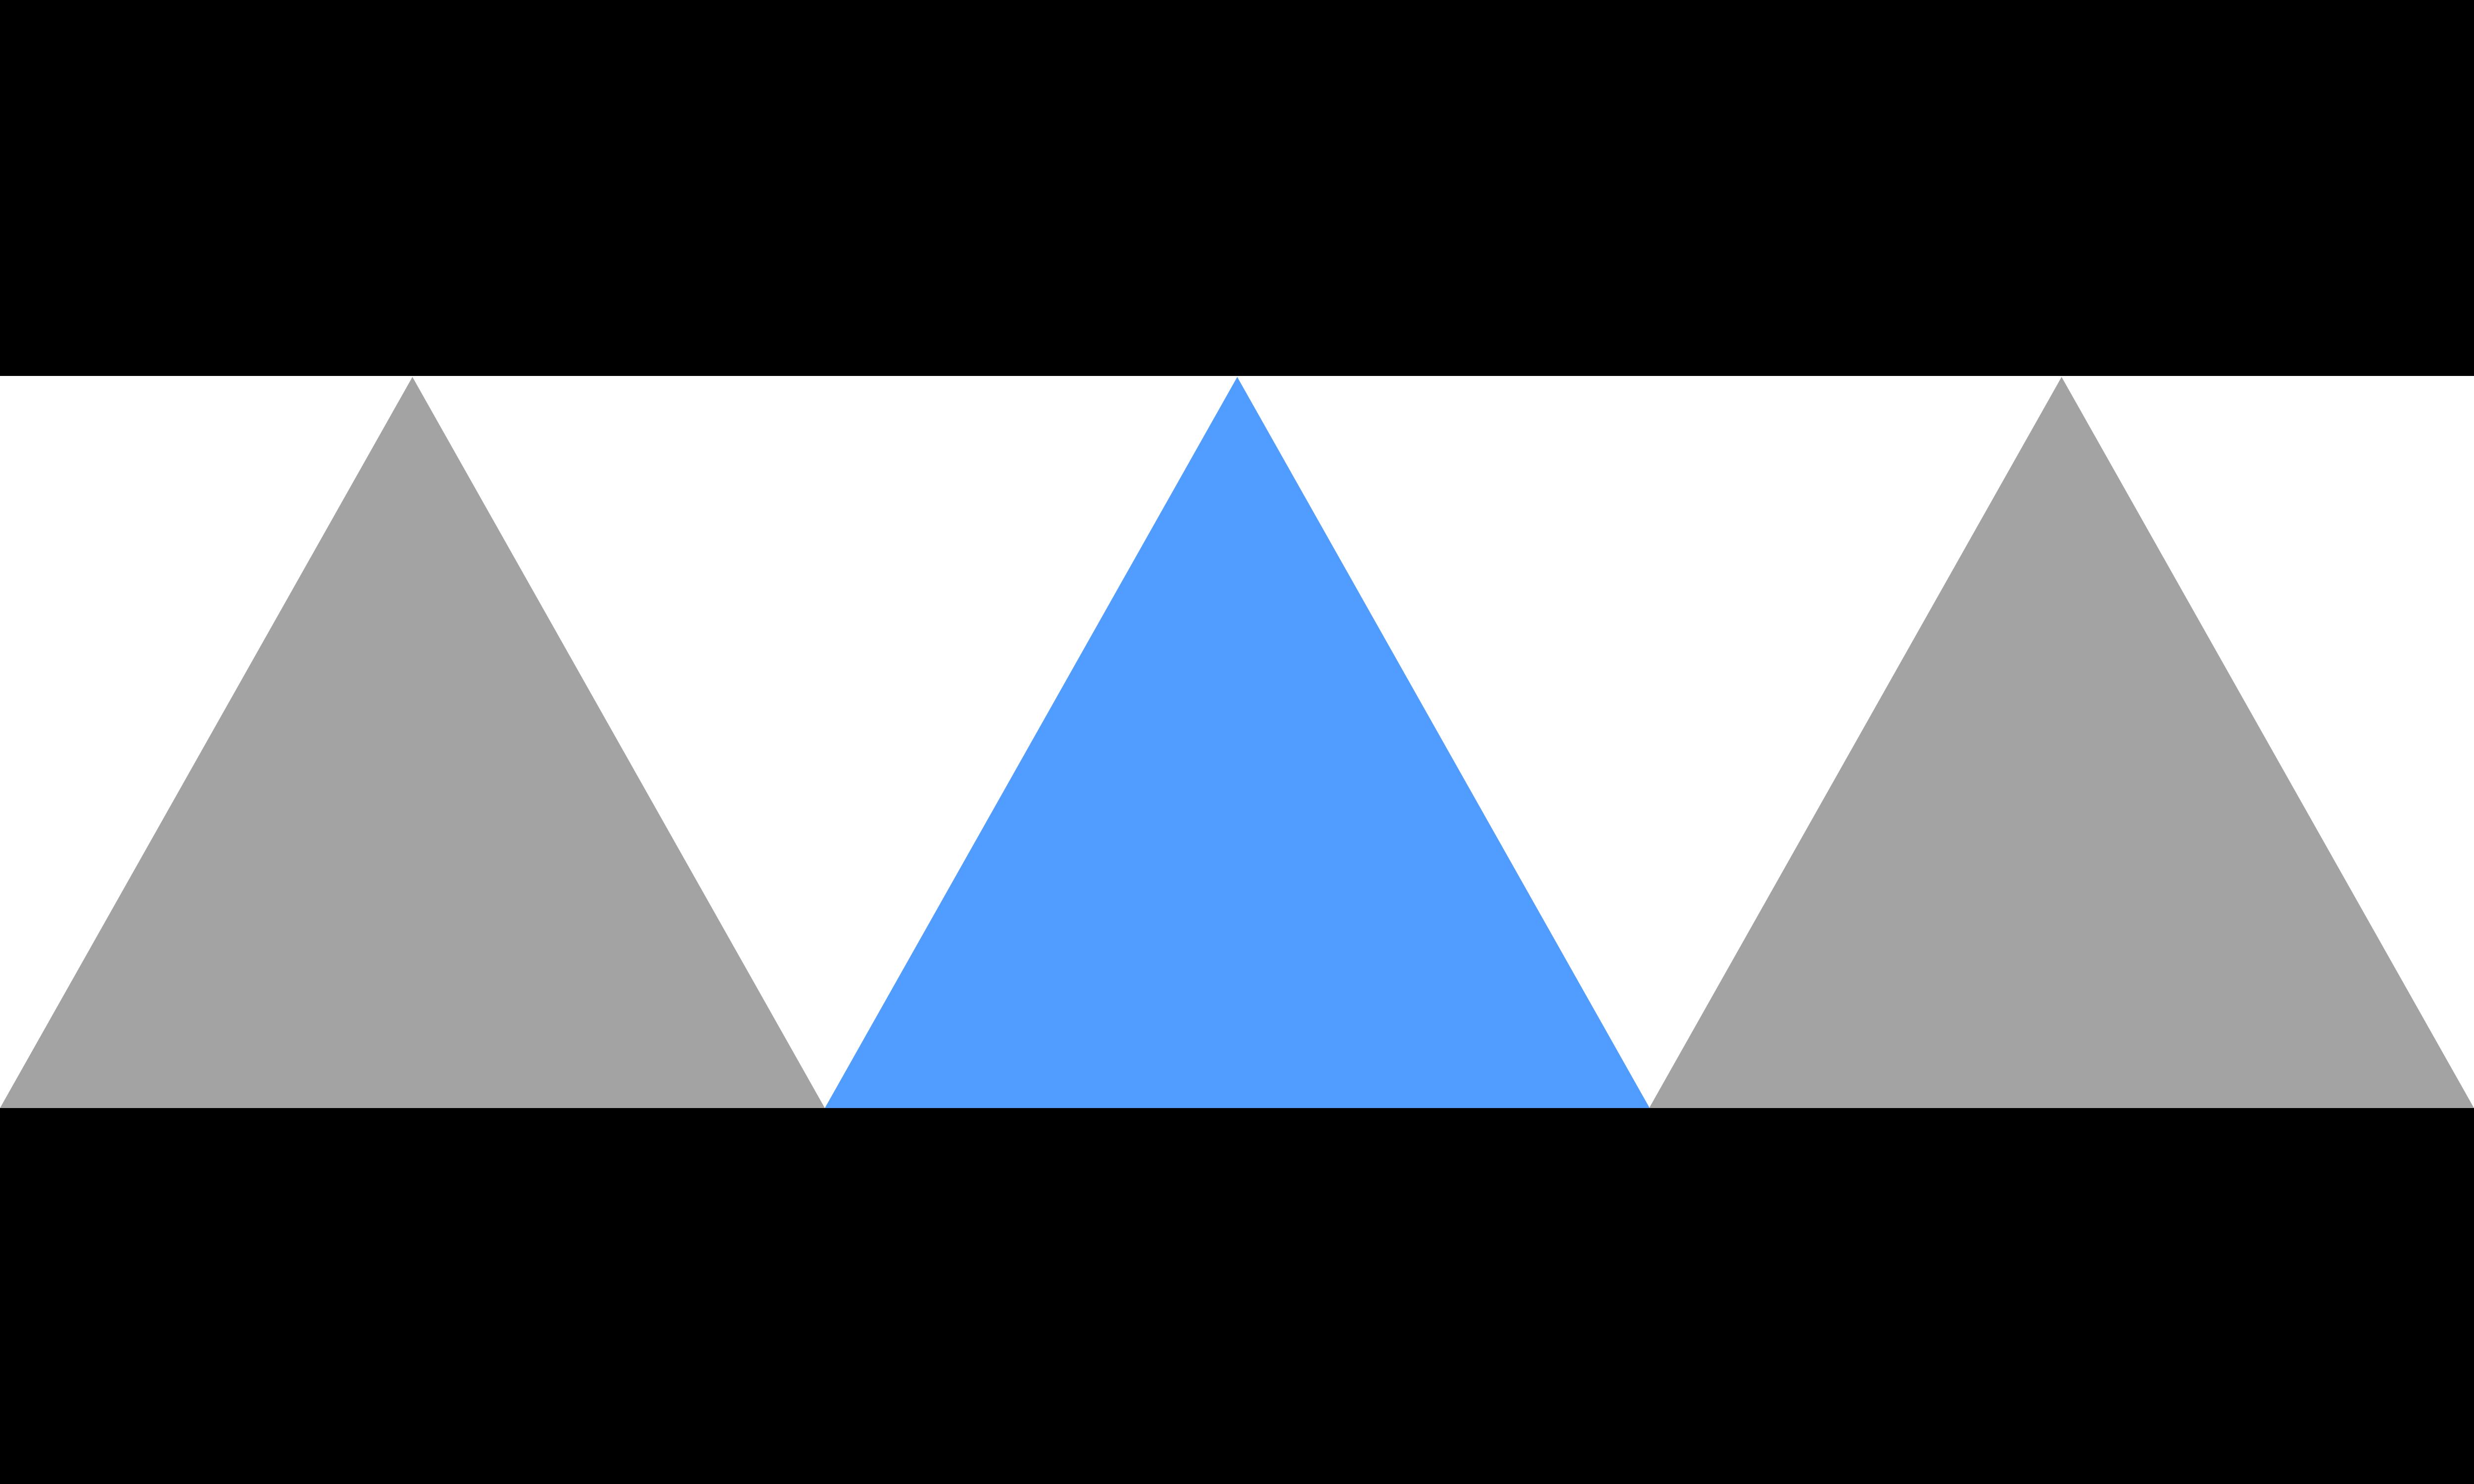 Analterousspike / Alterousspike (1)